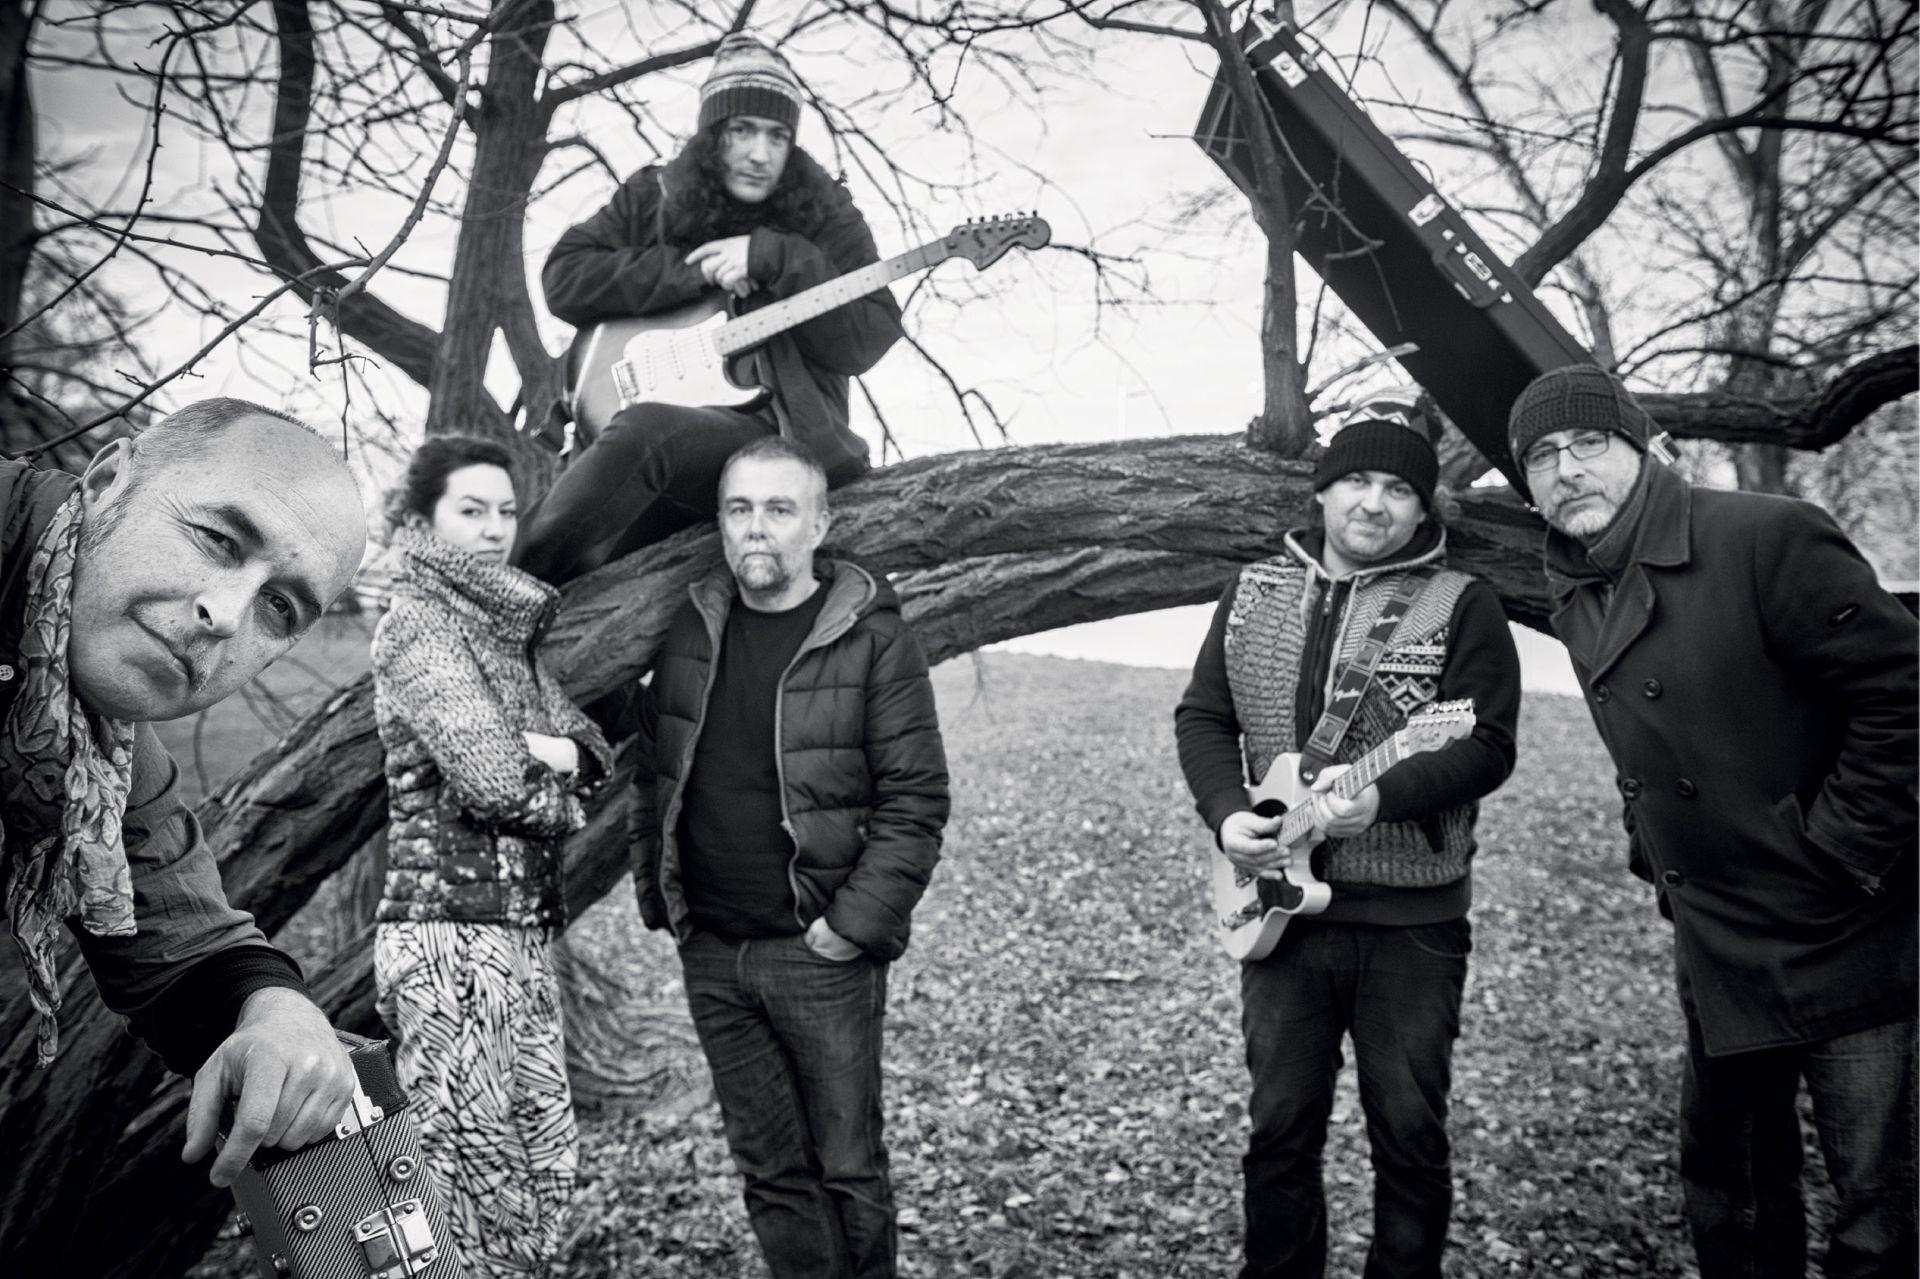 'Album smo radili 13 godina zbog gnjeva prema industriji i bunta'